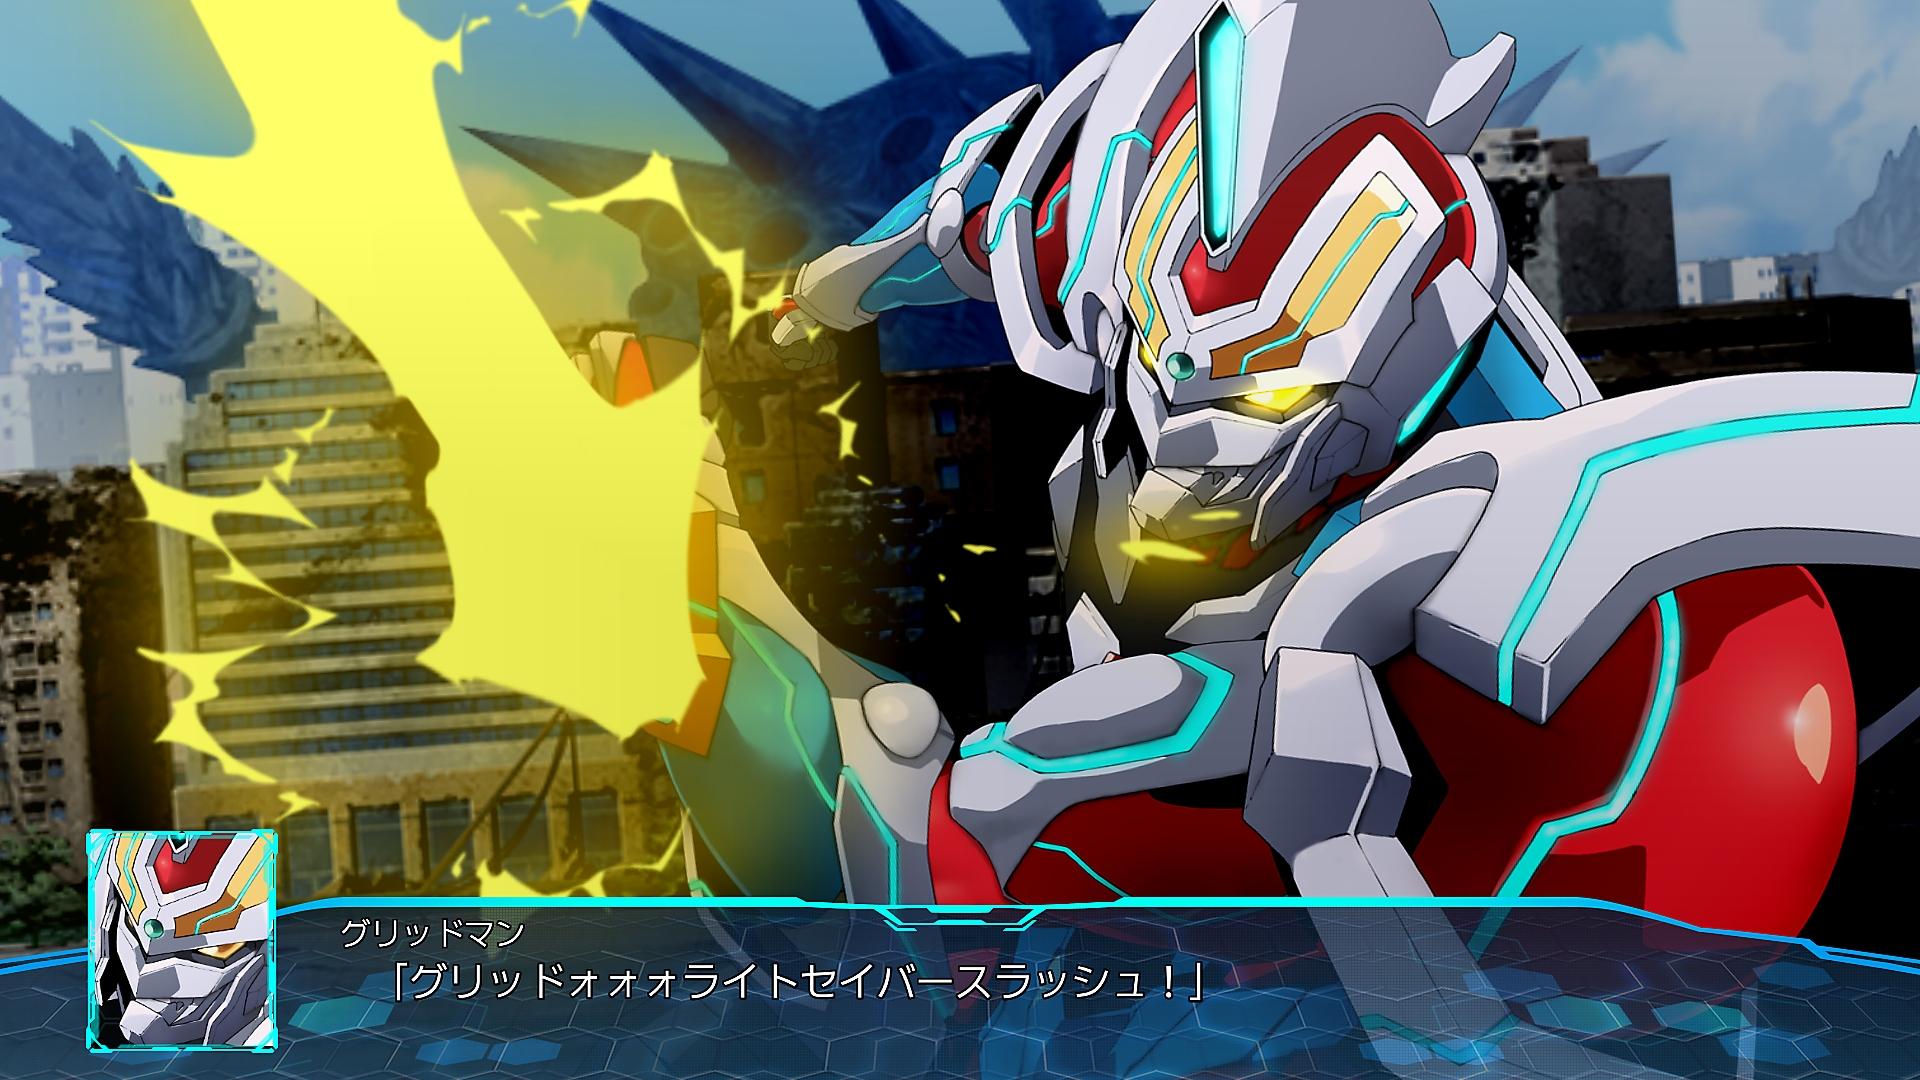 スーパーロボット大戦30 - Gallery Screenshot 5